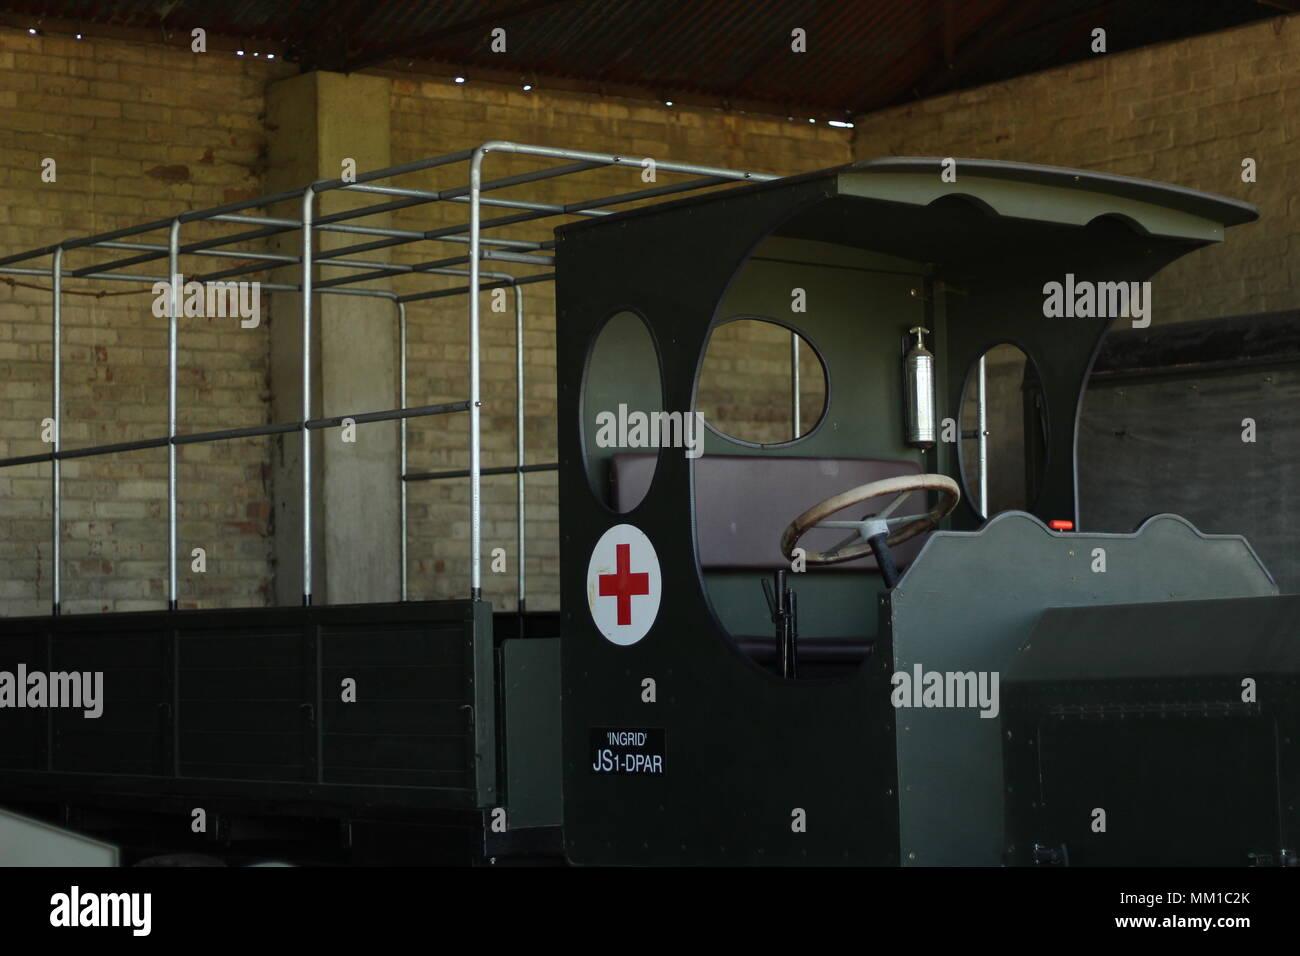 Innere Aufnahme der Fahrzeug Schuppen und WW1 Fahrzeuge zu verstauen Maries Große Krieg Flugplatz, Purleigh, Essex, Großbritannien. Stockbild